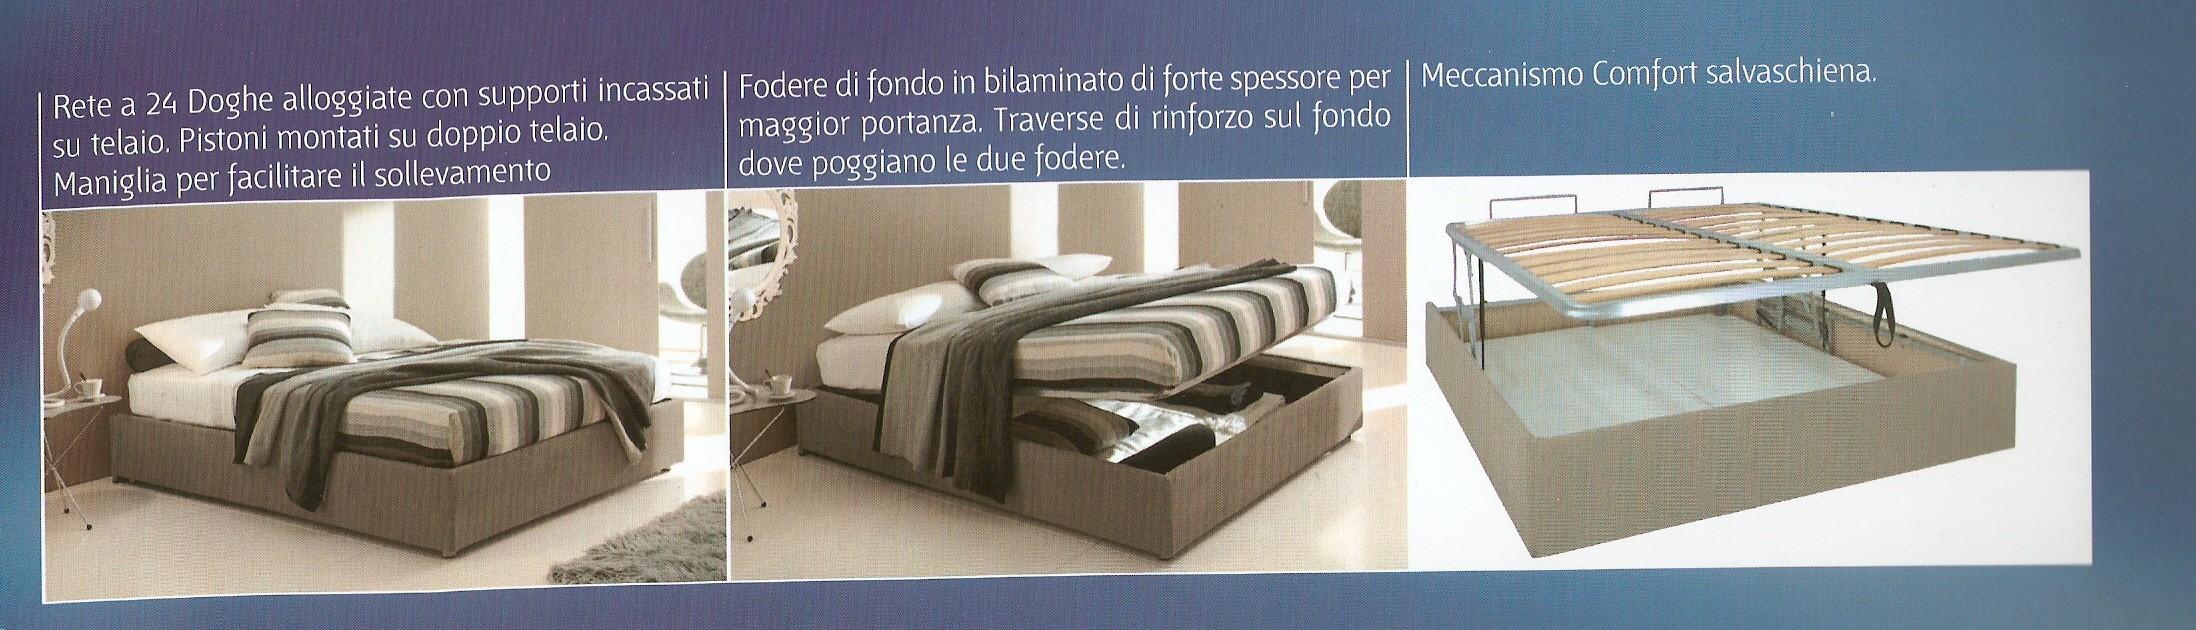 Letto contenitore fai ordine in casa con tappezzeria gloria roma - Telaio del letto ...